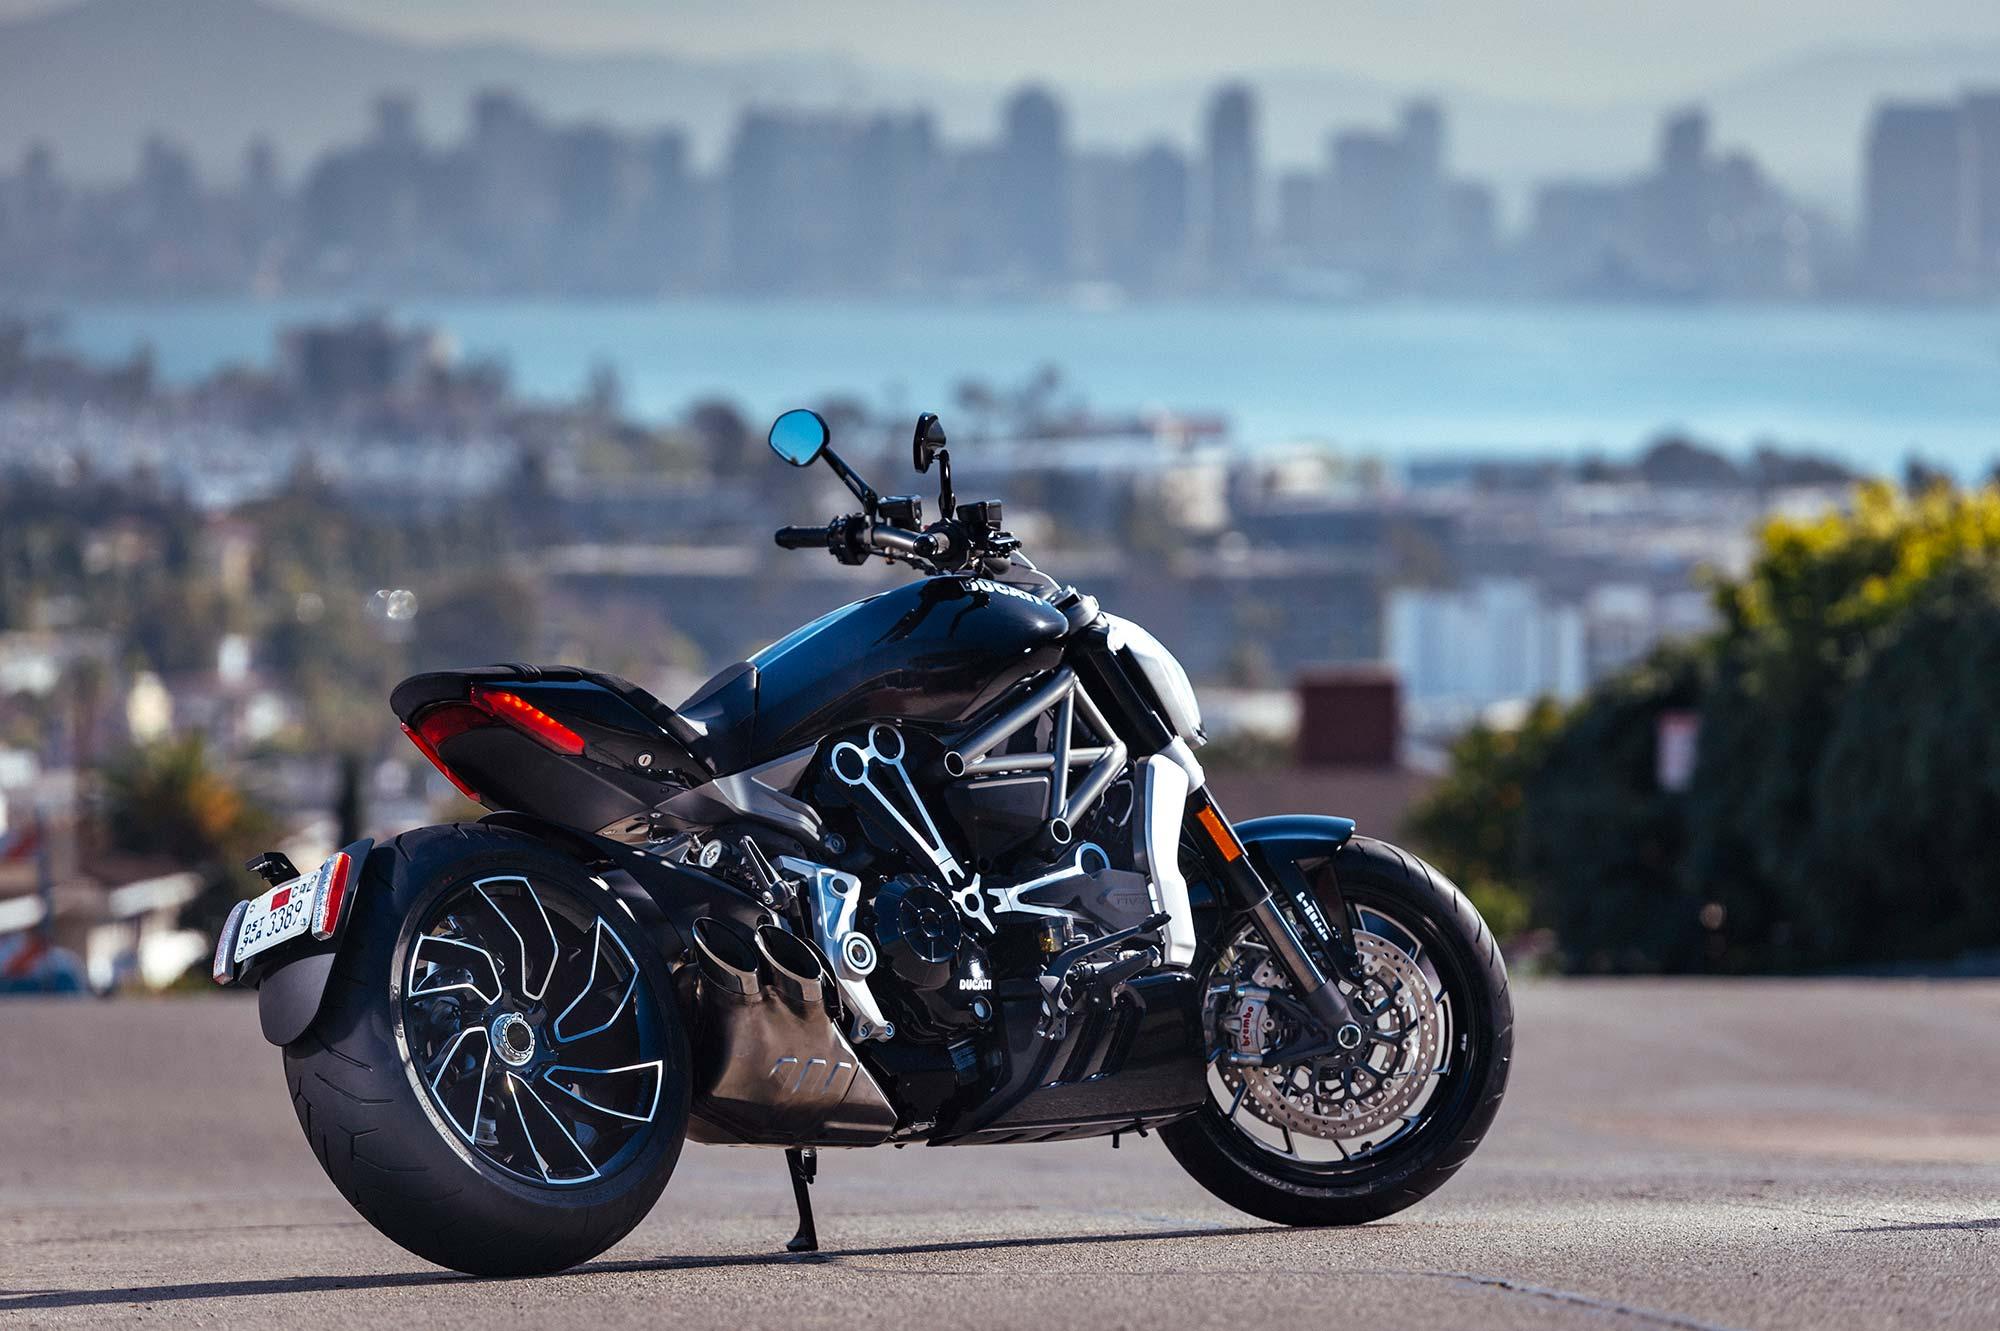 2016 Ducati Xdiavel Launch Canada Moto Guide